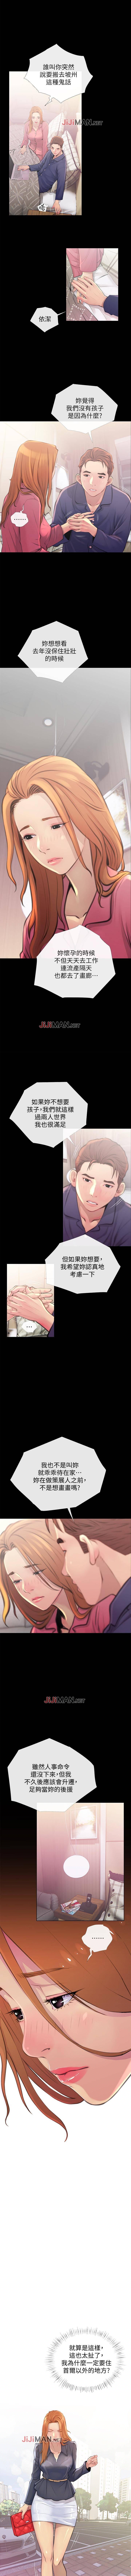 【周五连载】主妇危机(作者:查爾斯&漢水) 第1~26话 11